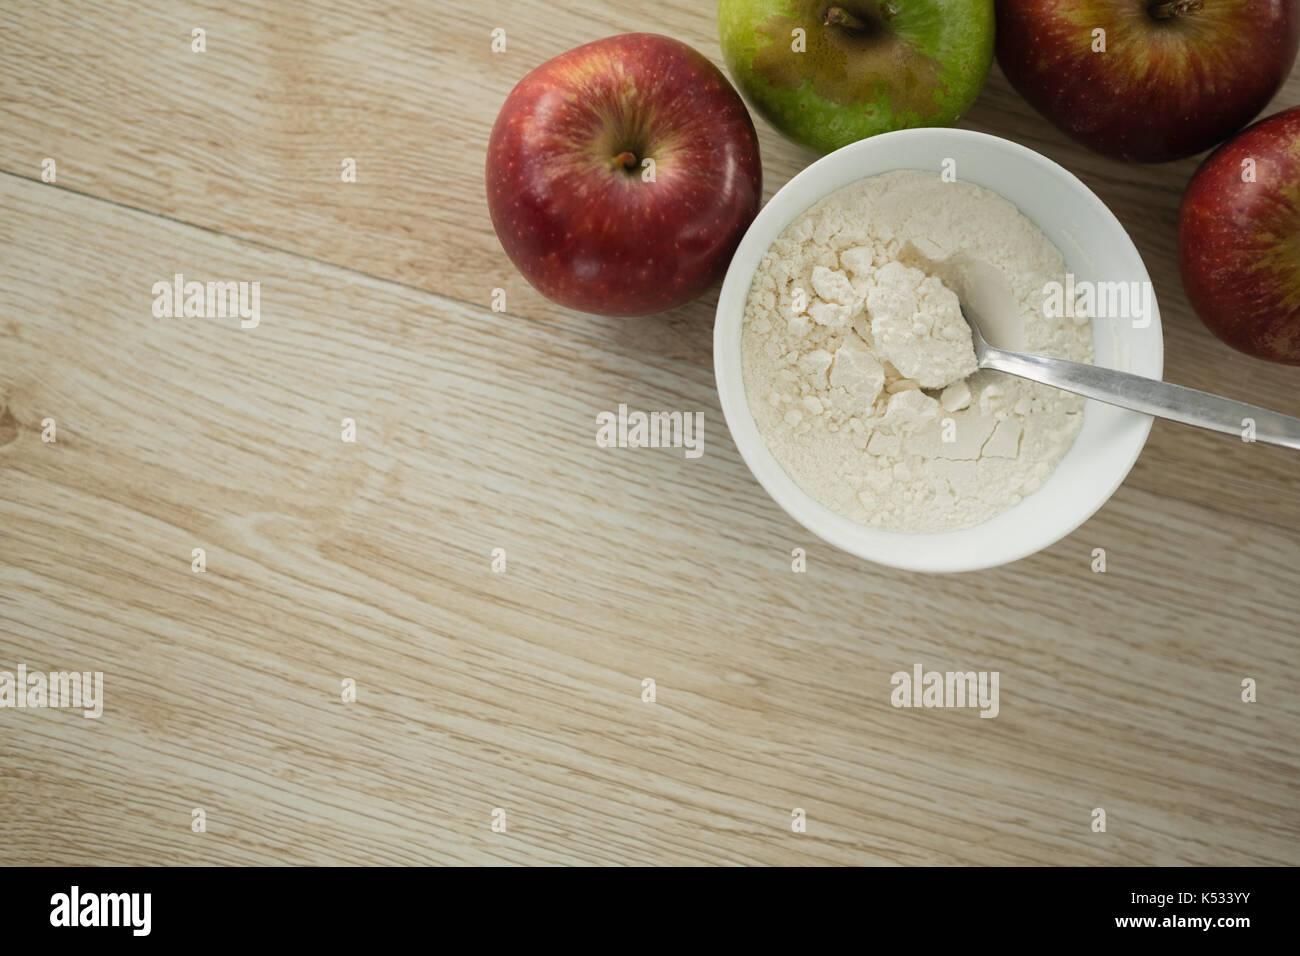 Tourné directement au-dessus de la farine dans un bol de pommes sur table en bois Photo Stock